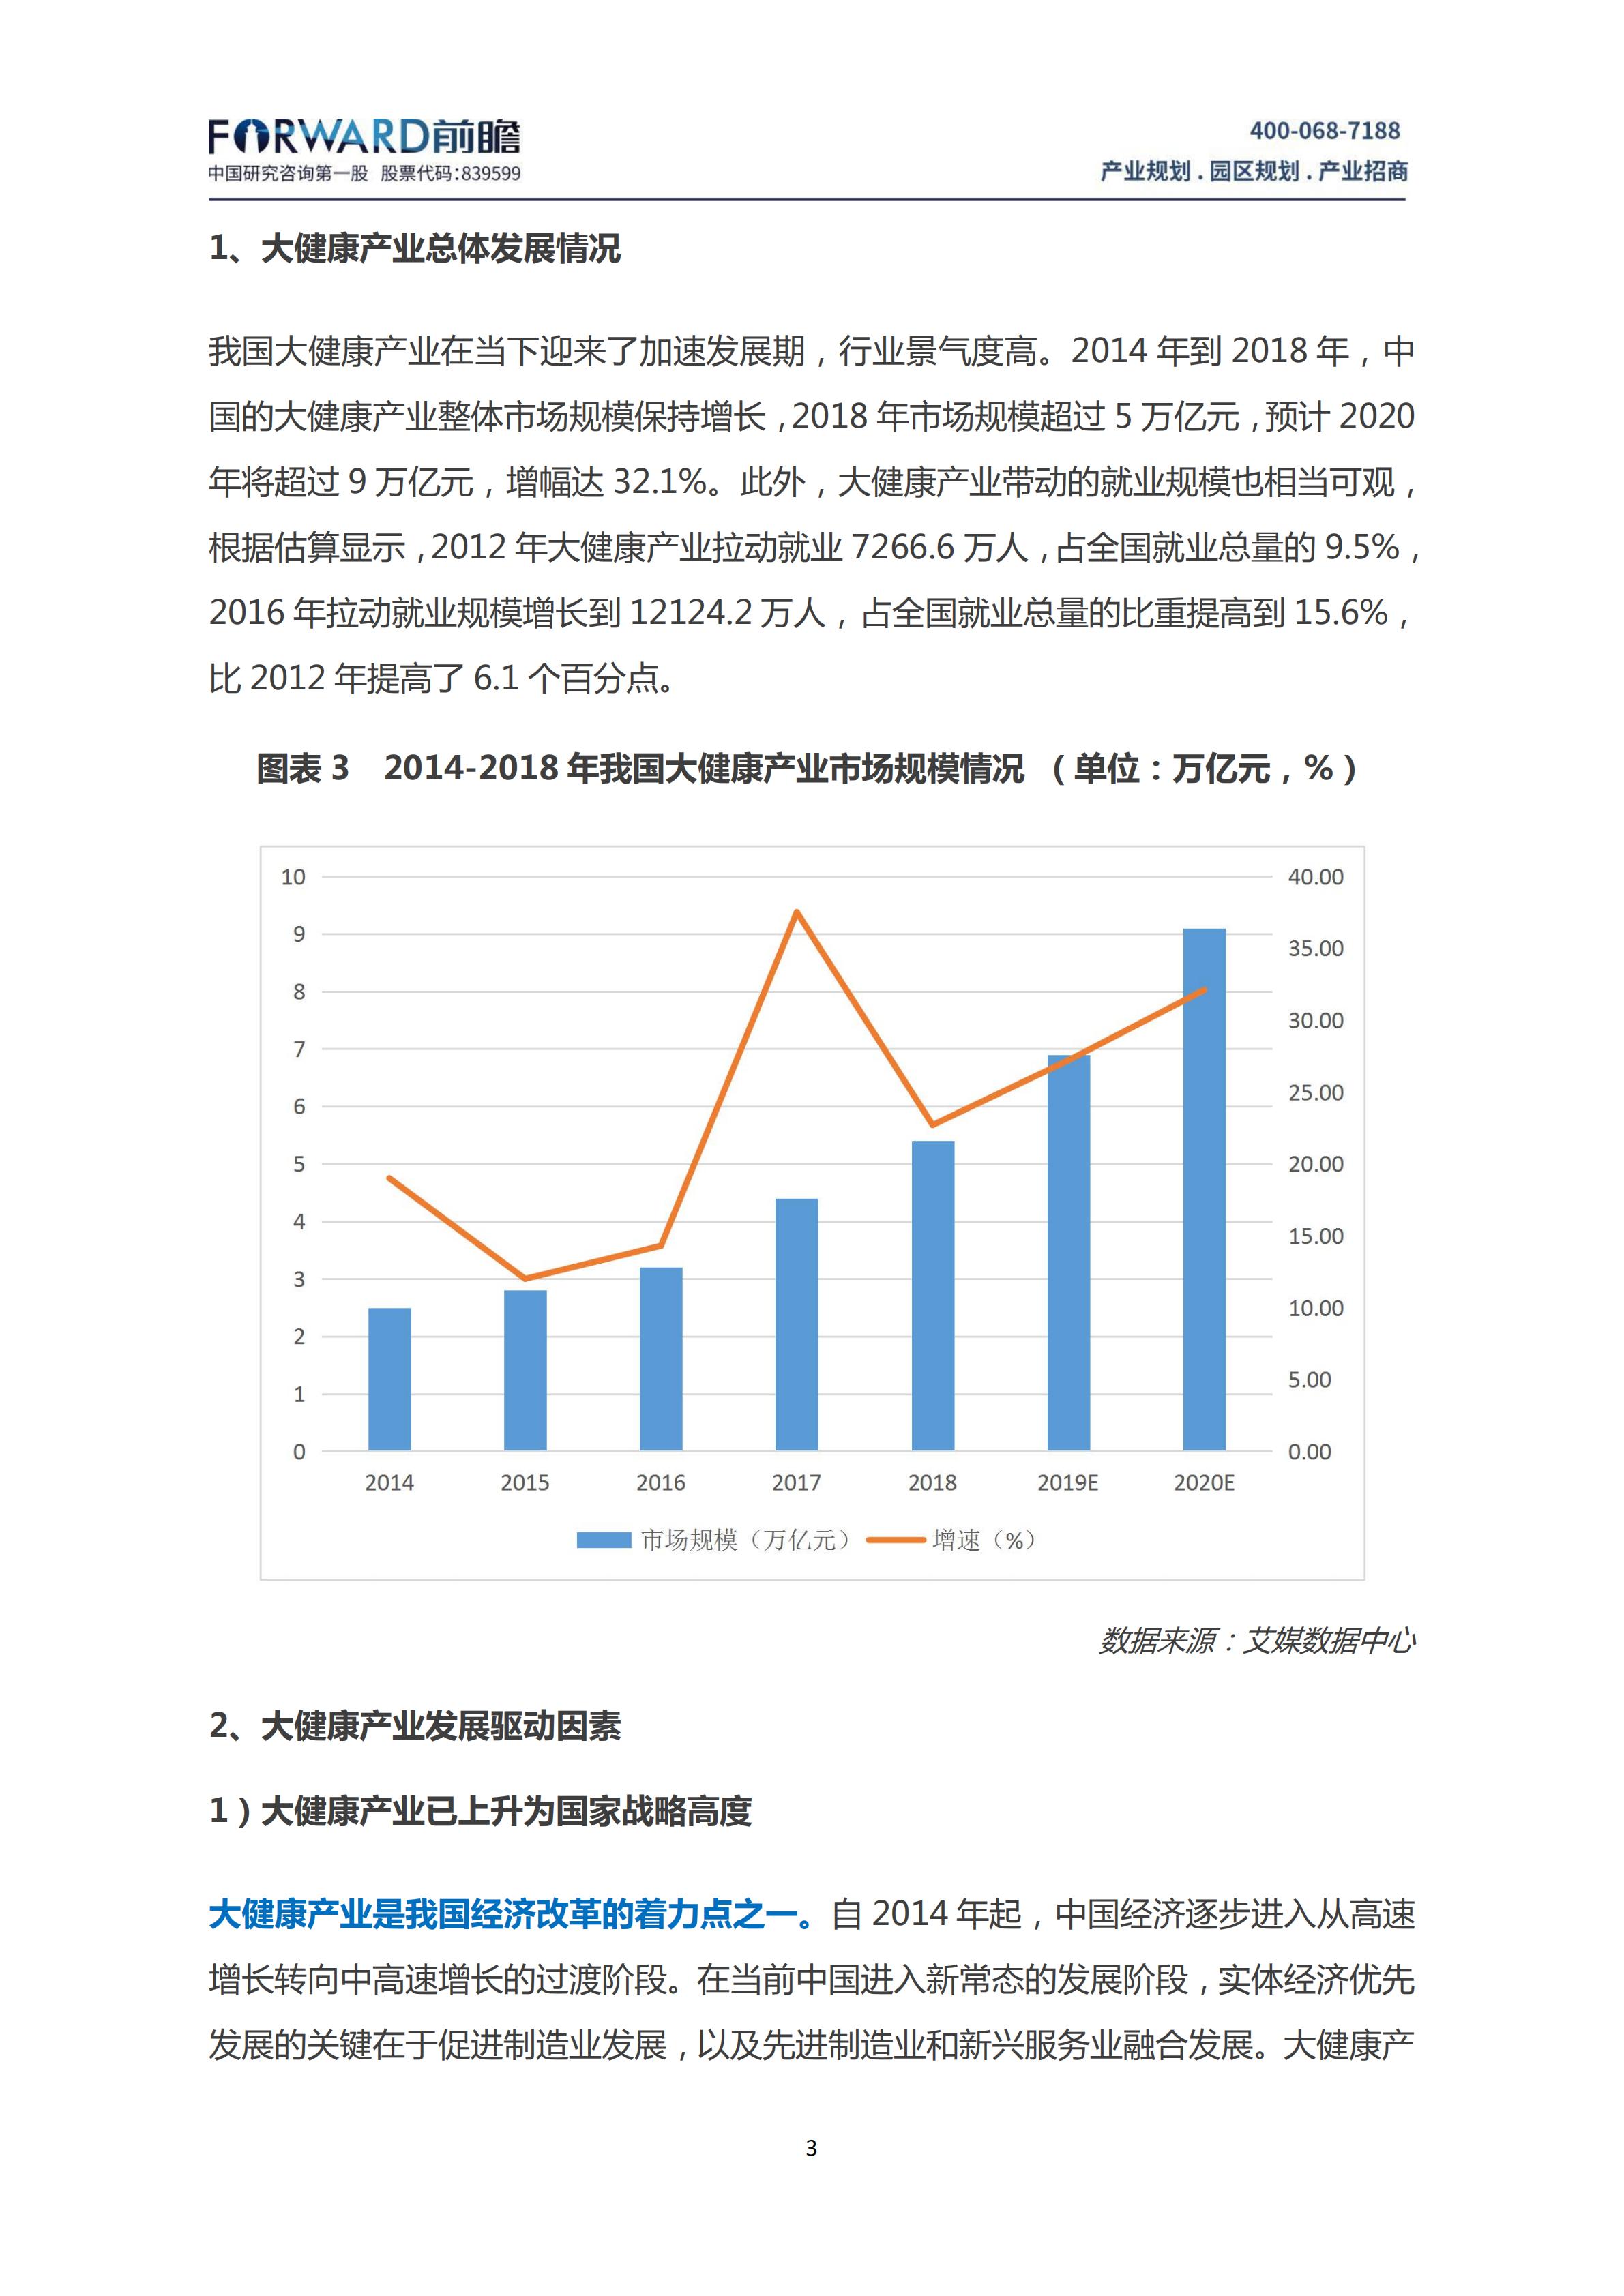 中国大健康产业发展现状及趋势分析_04.png